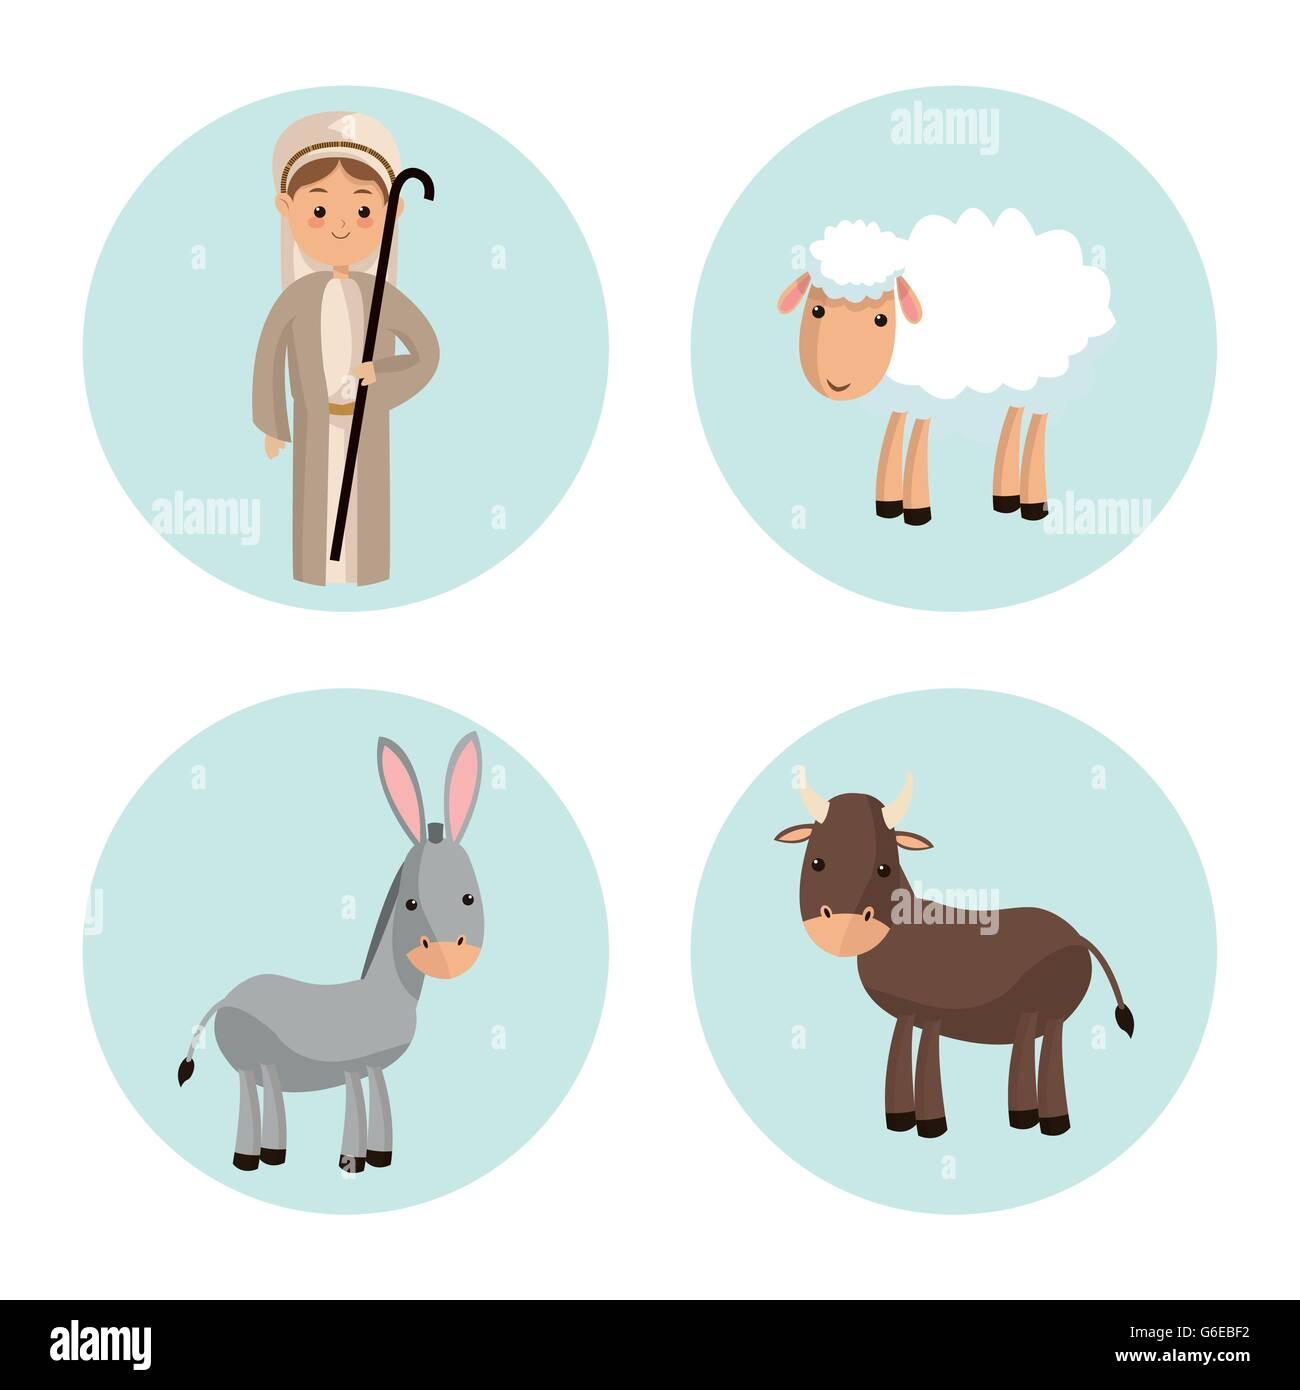 Holy Family Donkey Stock Photos & Holy Family Donkey Stock Images ...